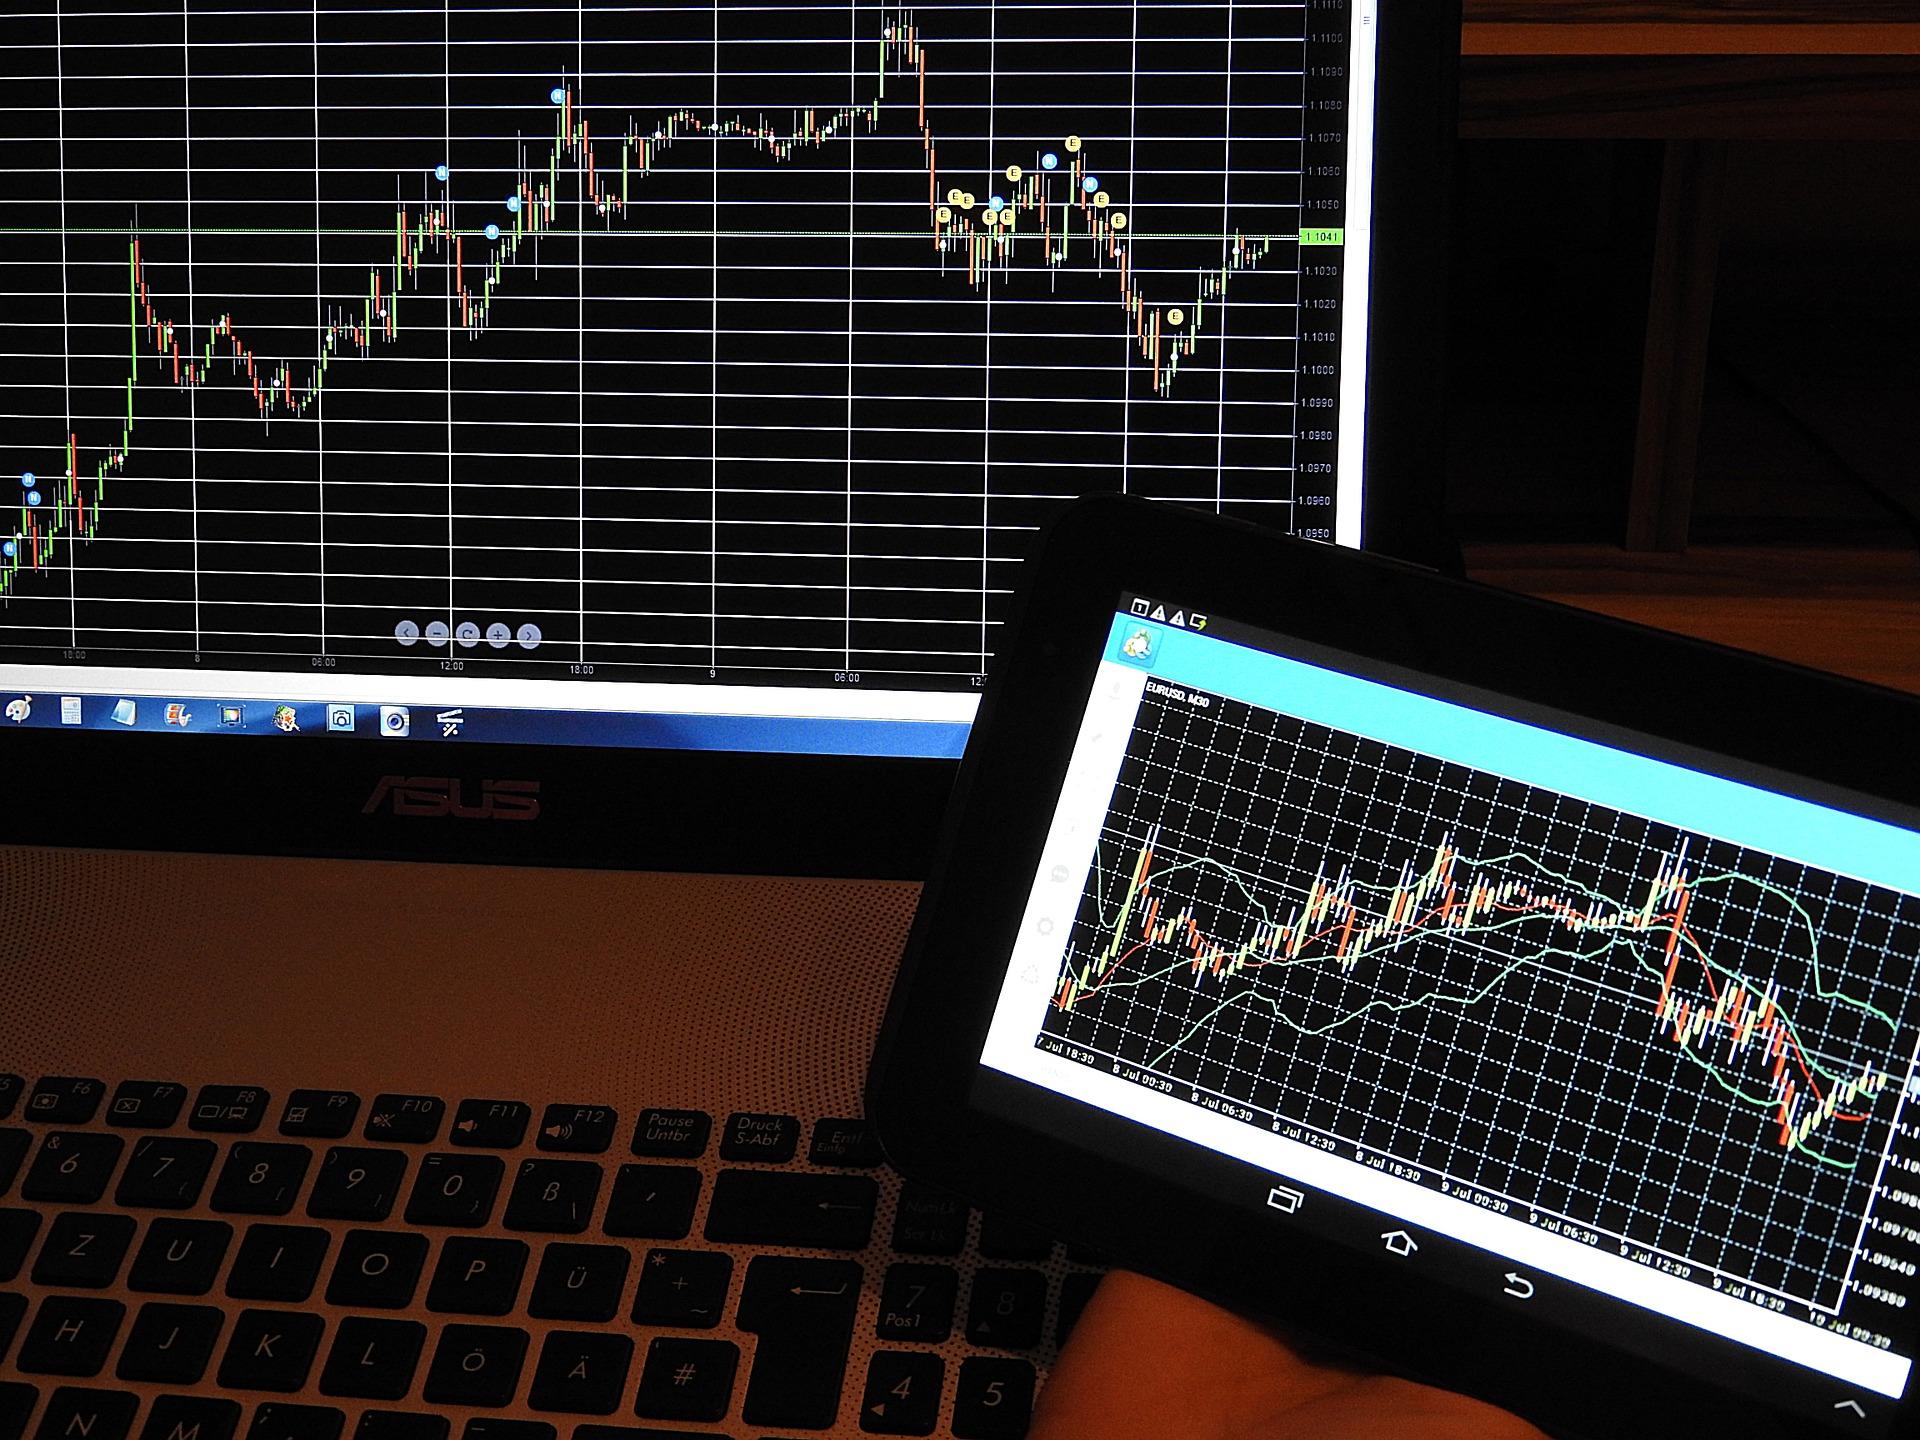 Invxsler trading platform